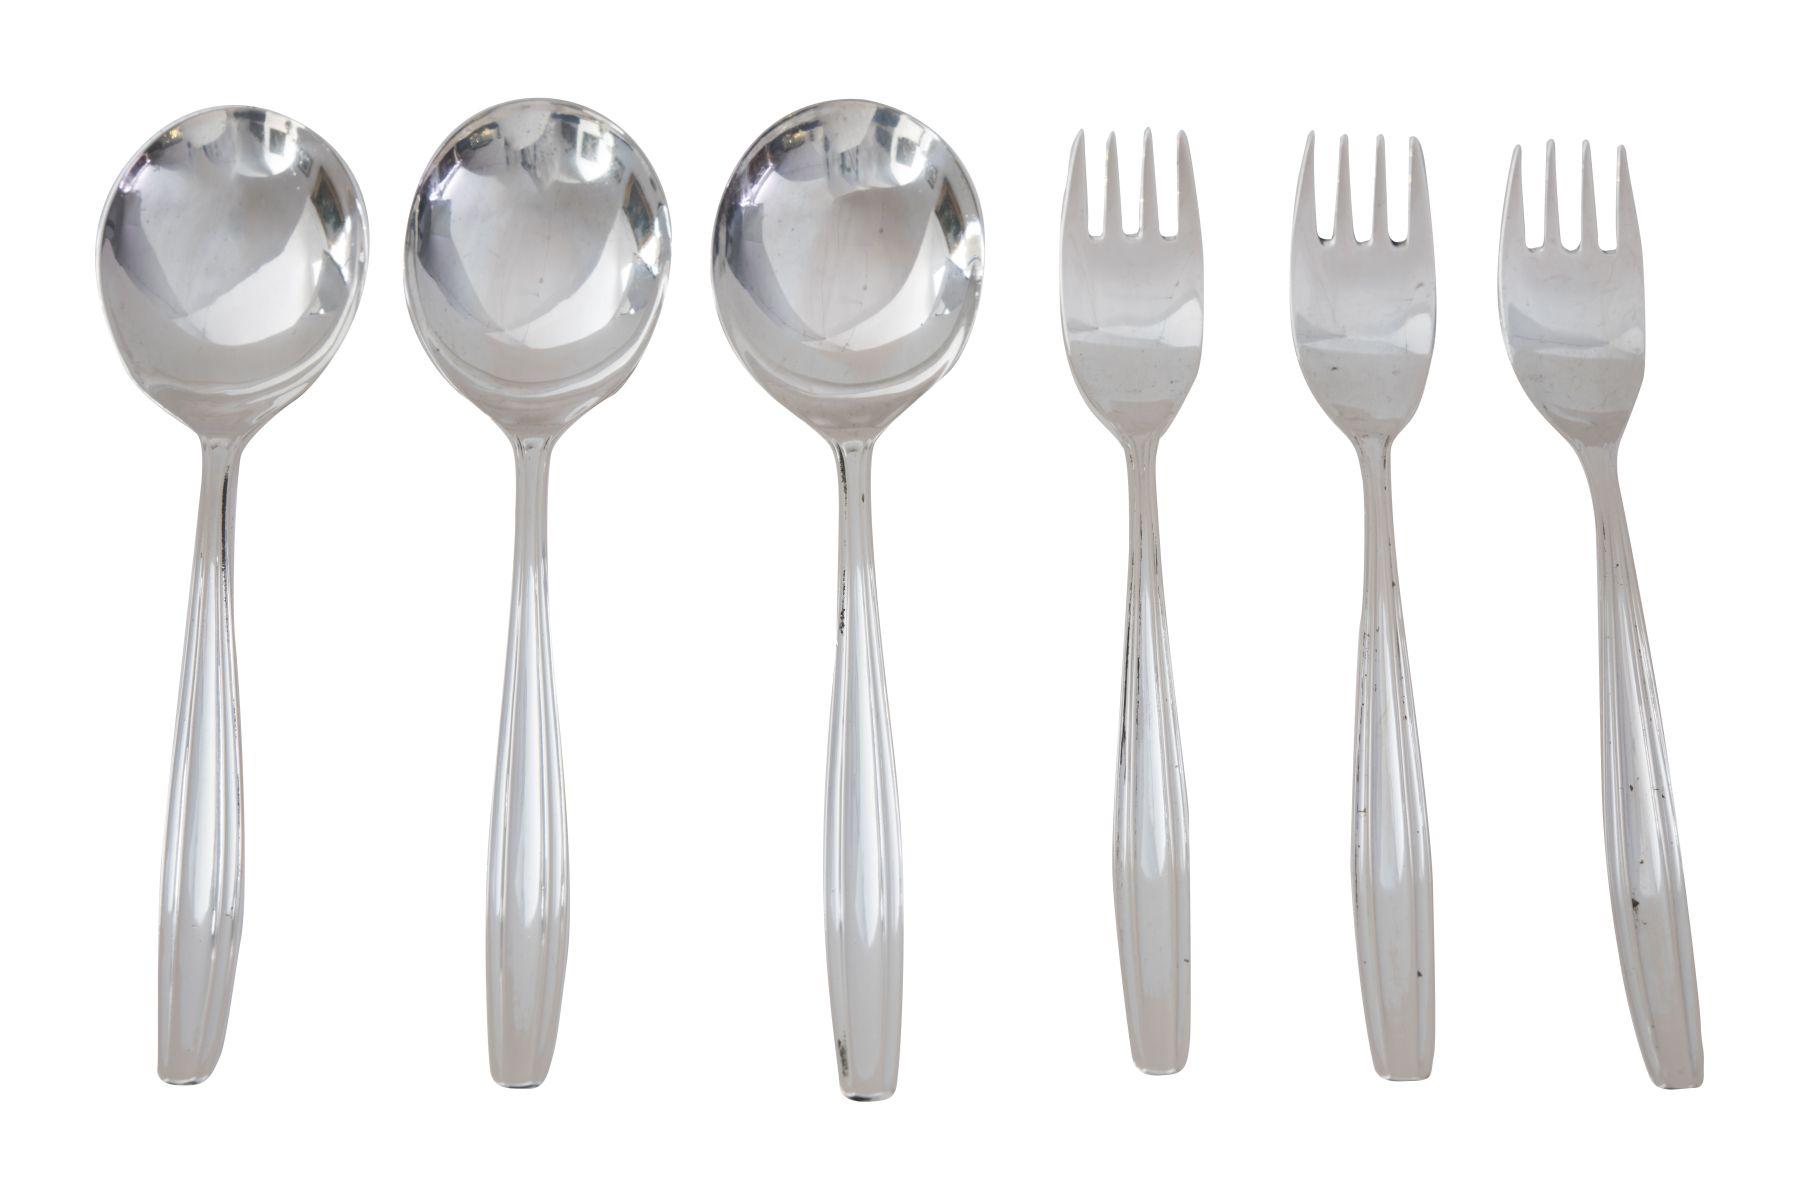 #103 Dessert forks and Bouillon spoon | Dessertgabeln und Bouillionlöffel Image